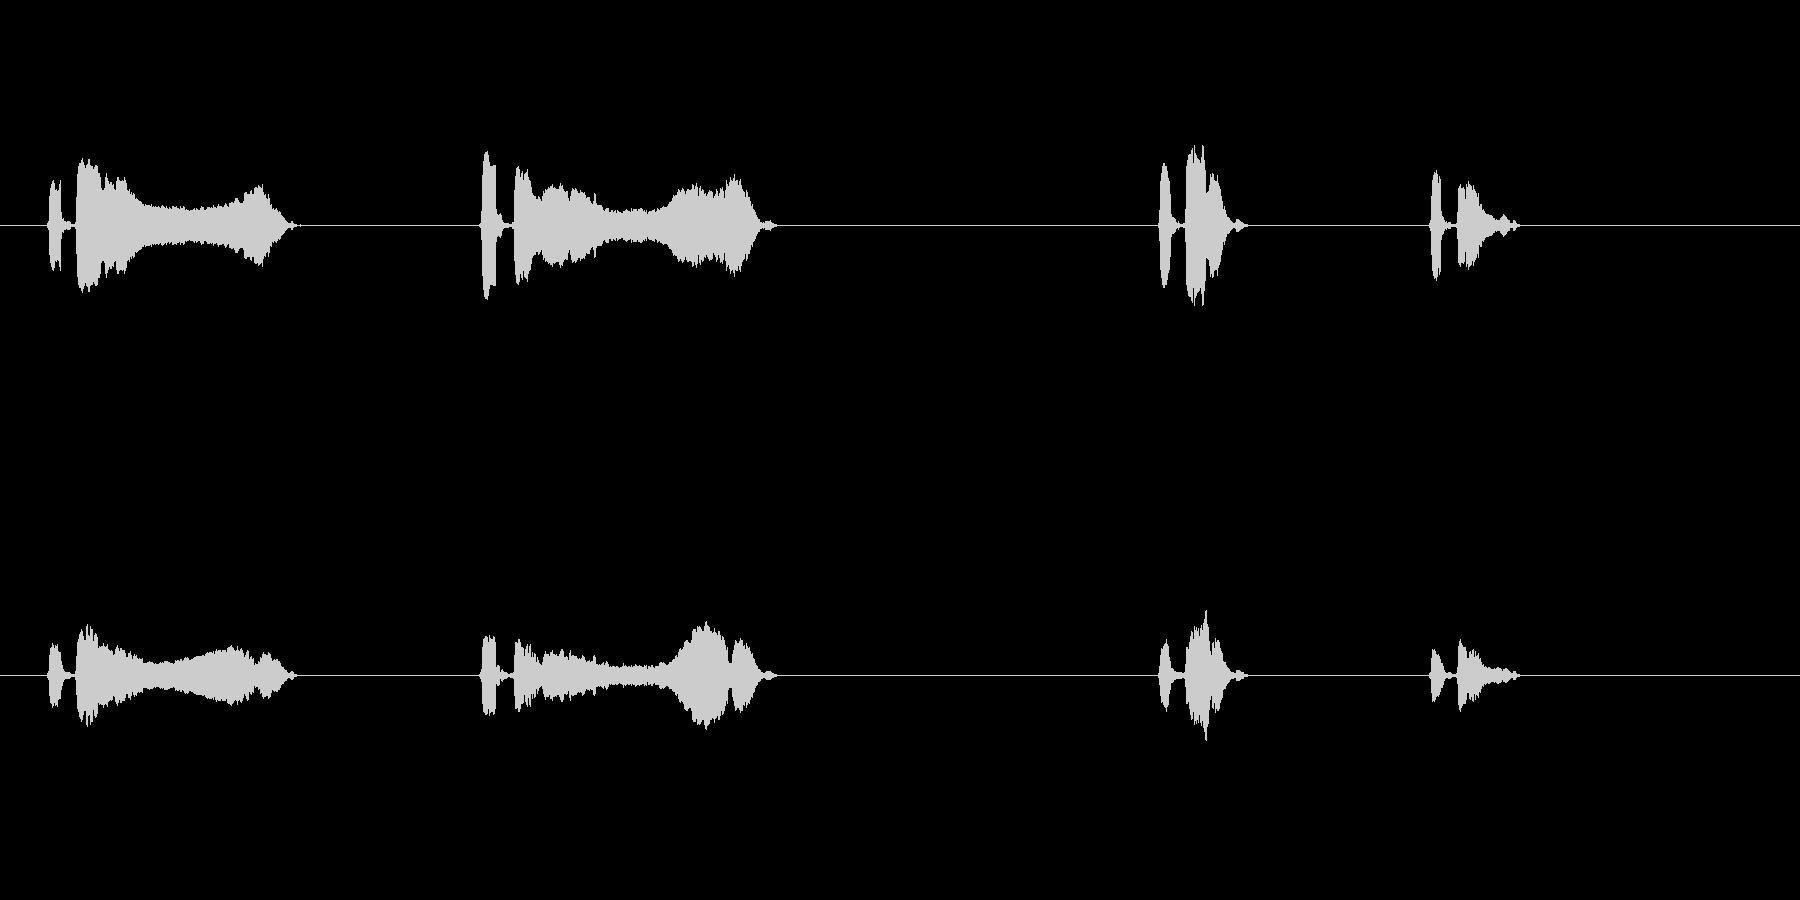 うぐいす4ケキョ梅に鶯春鳴き声初音ホーホの未再生の波形